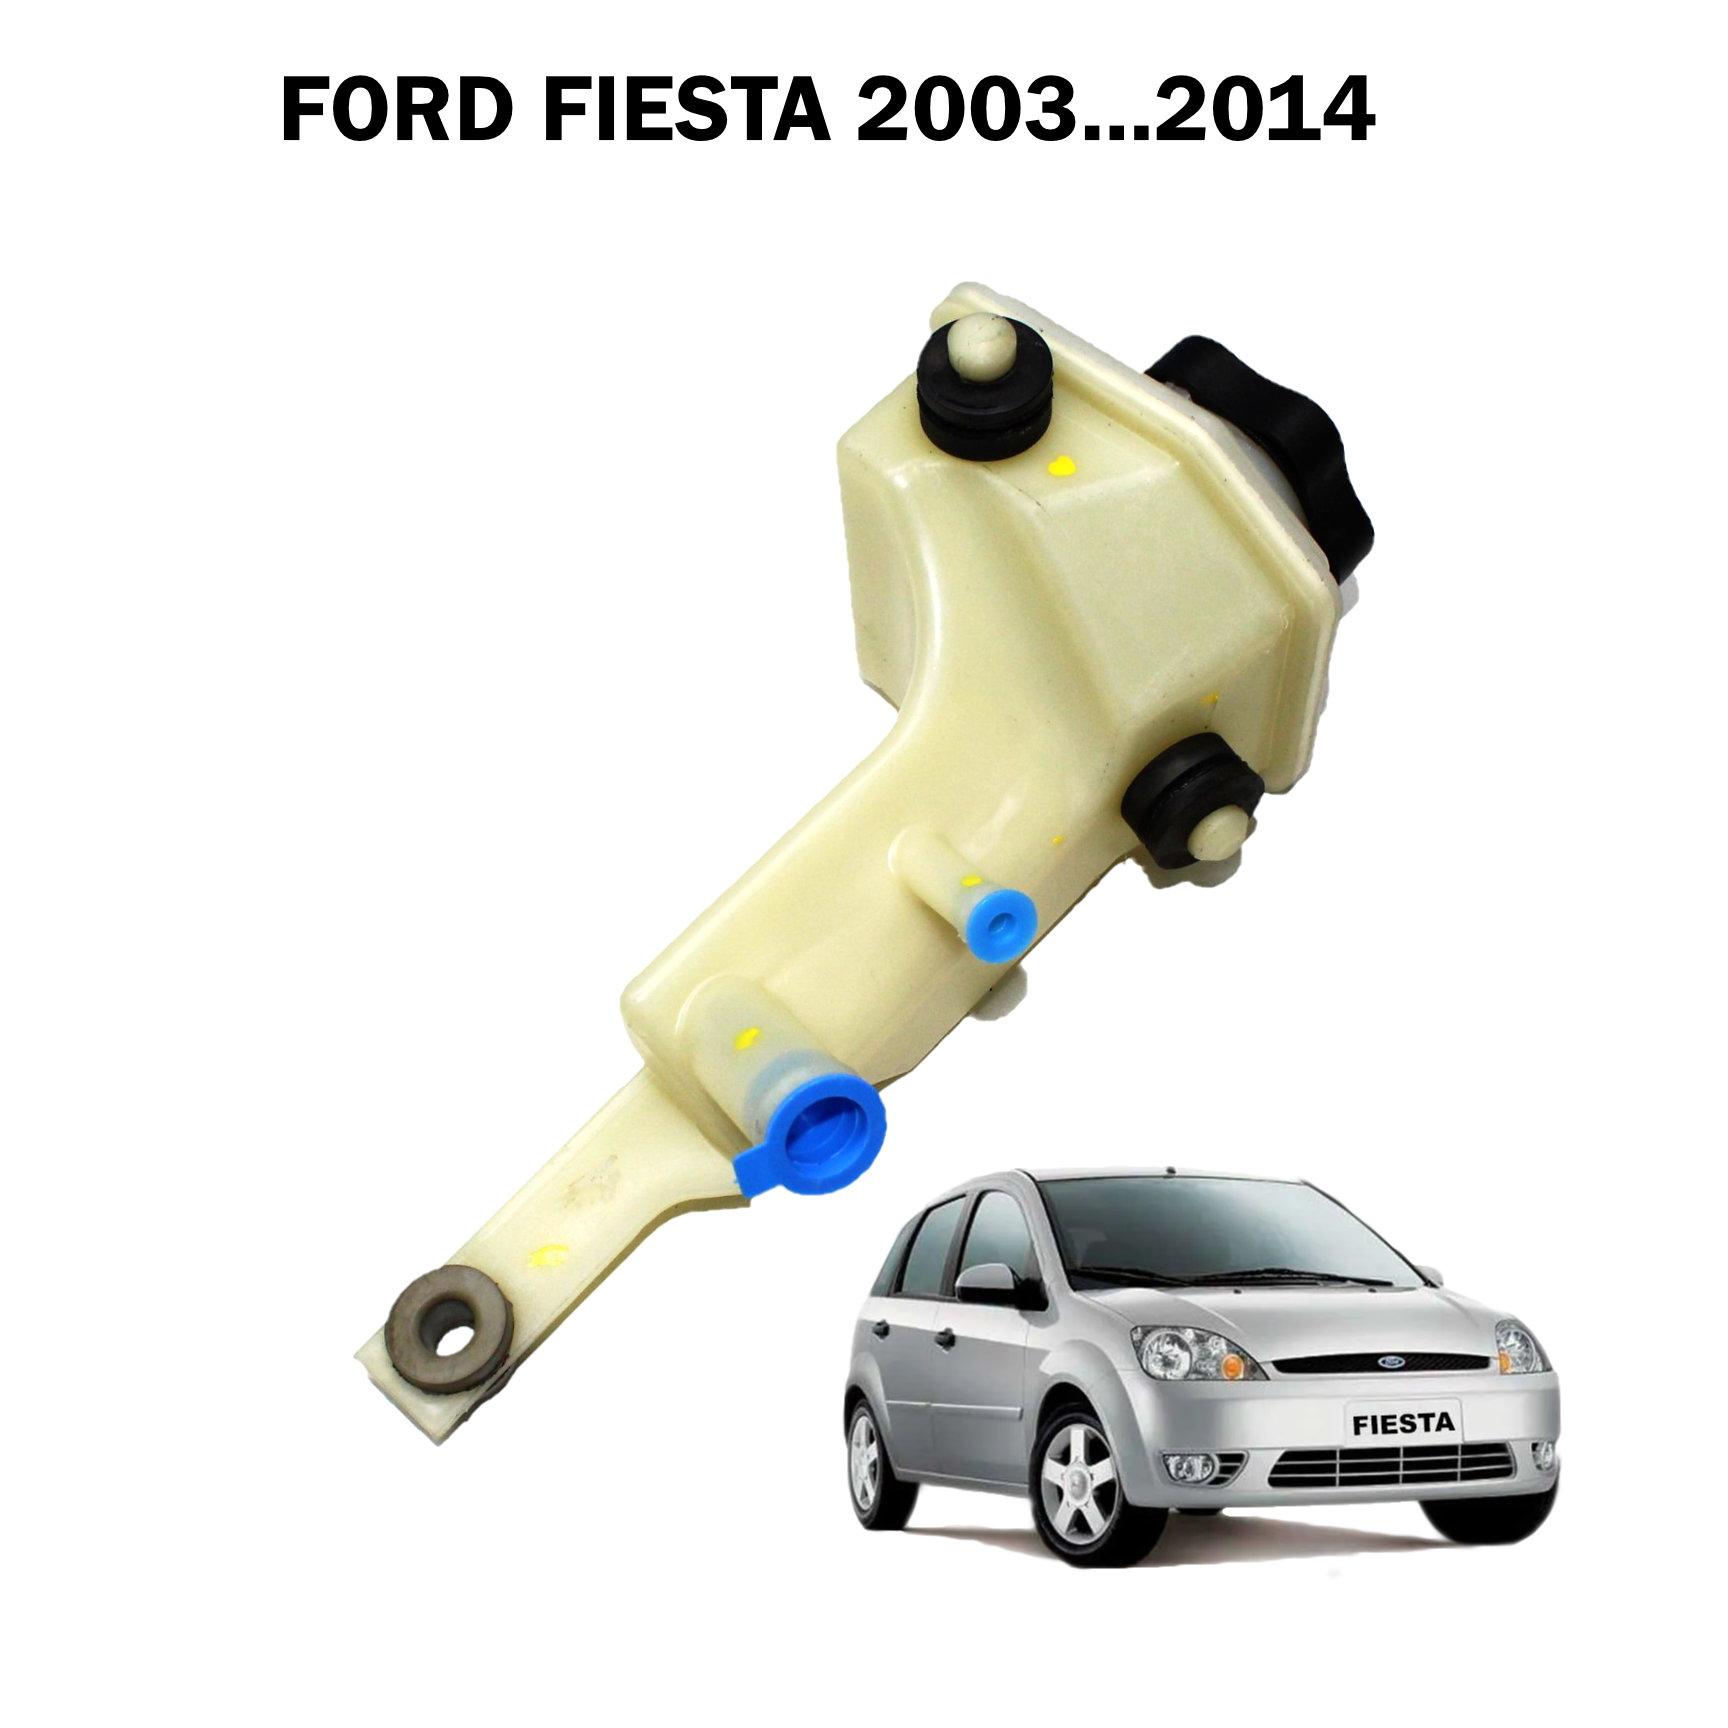 Reservatório Direção Hidráulica Fiesta 2003...2012